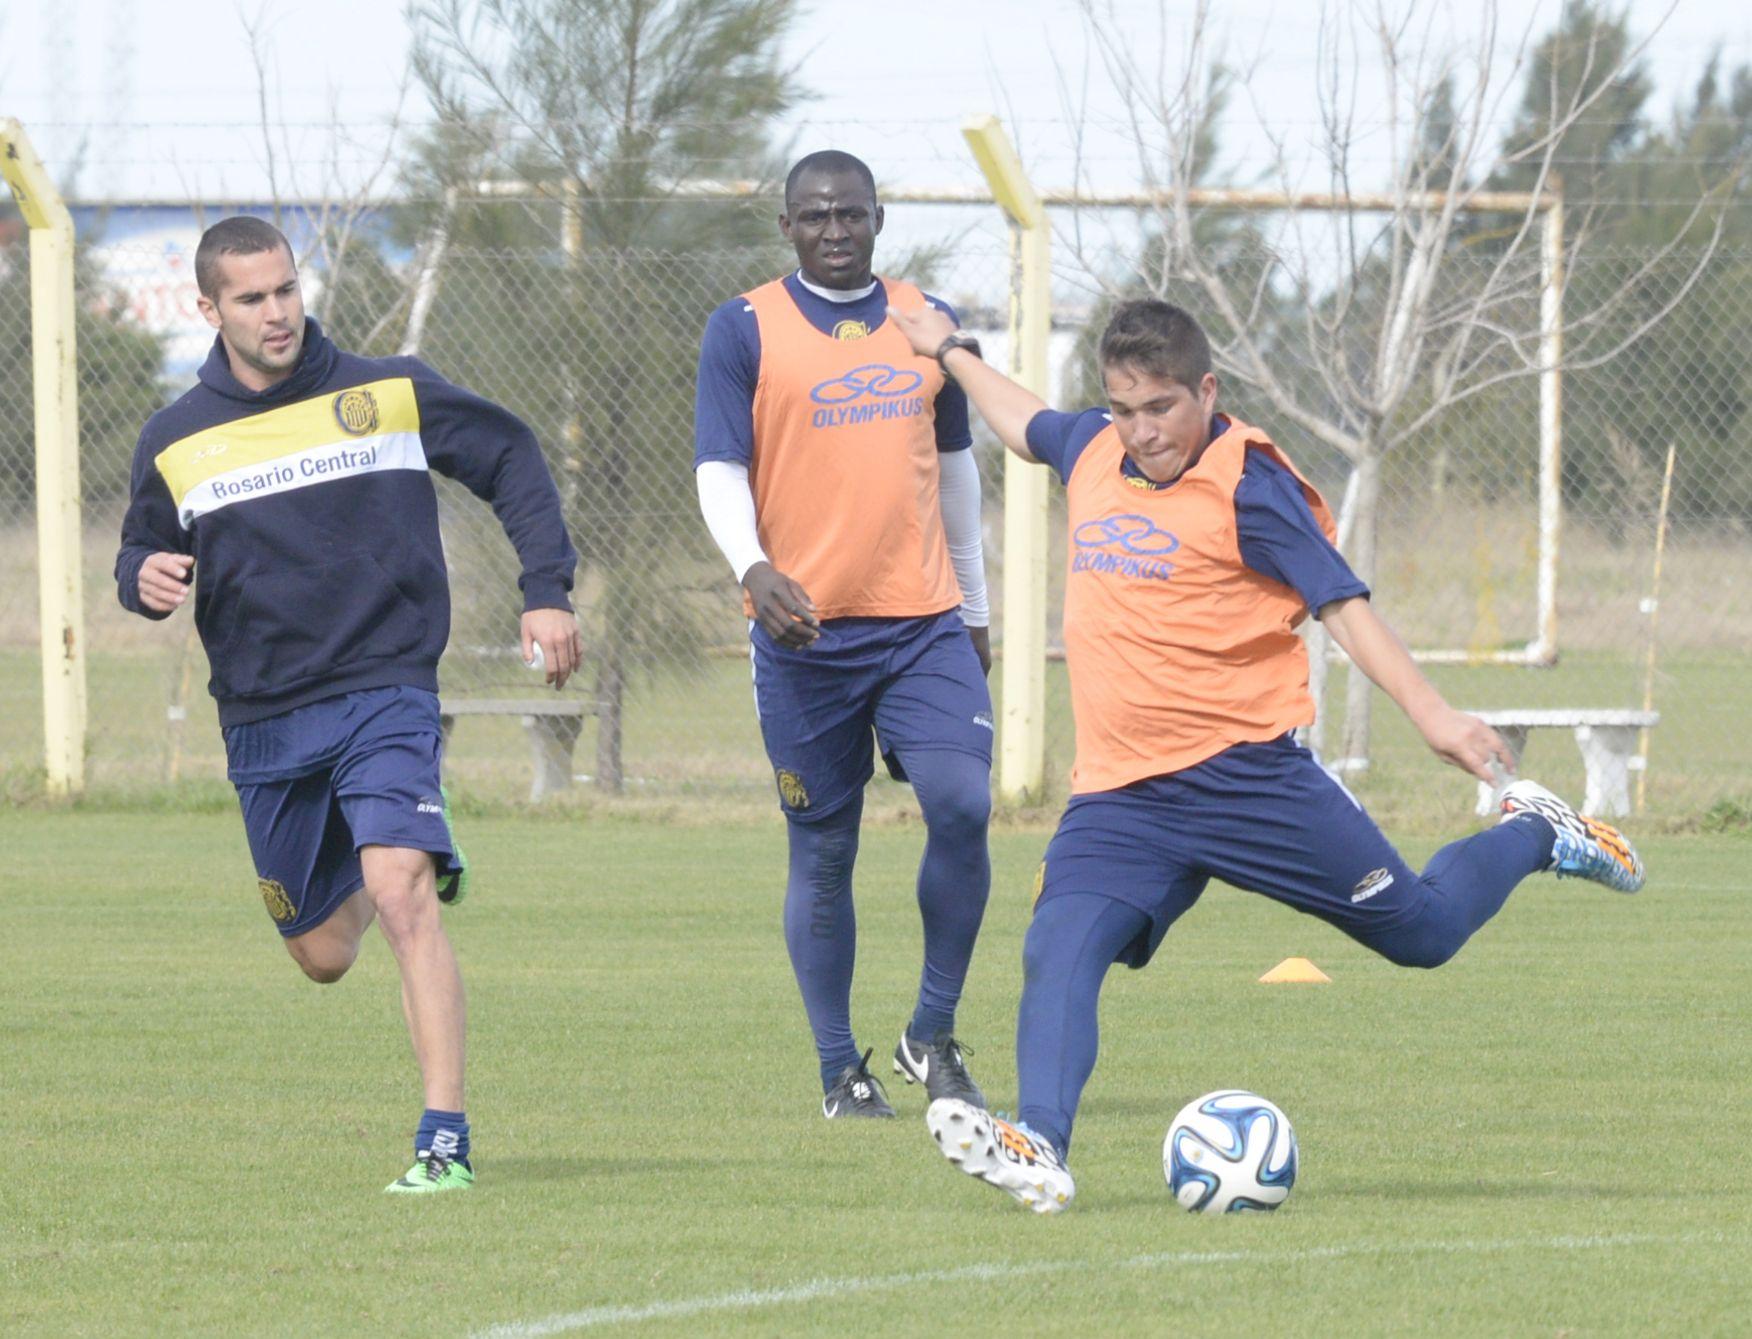 Pablo Becker y Walter Acuña son alternativas importantes para Russo. Yeimar Pastro Gómez también es considerado. (Foto: S. Salinas).